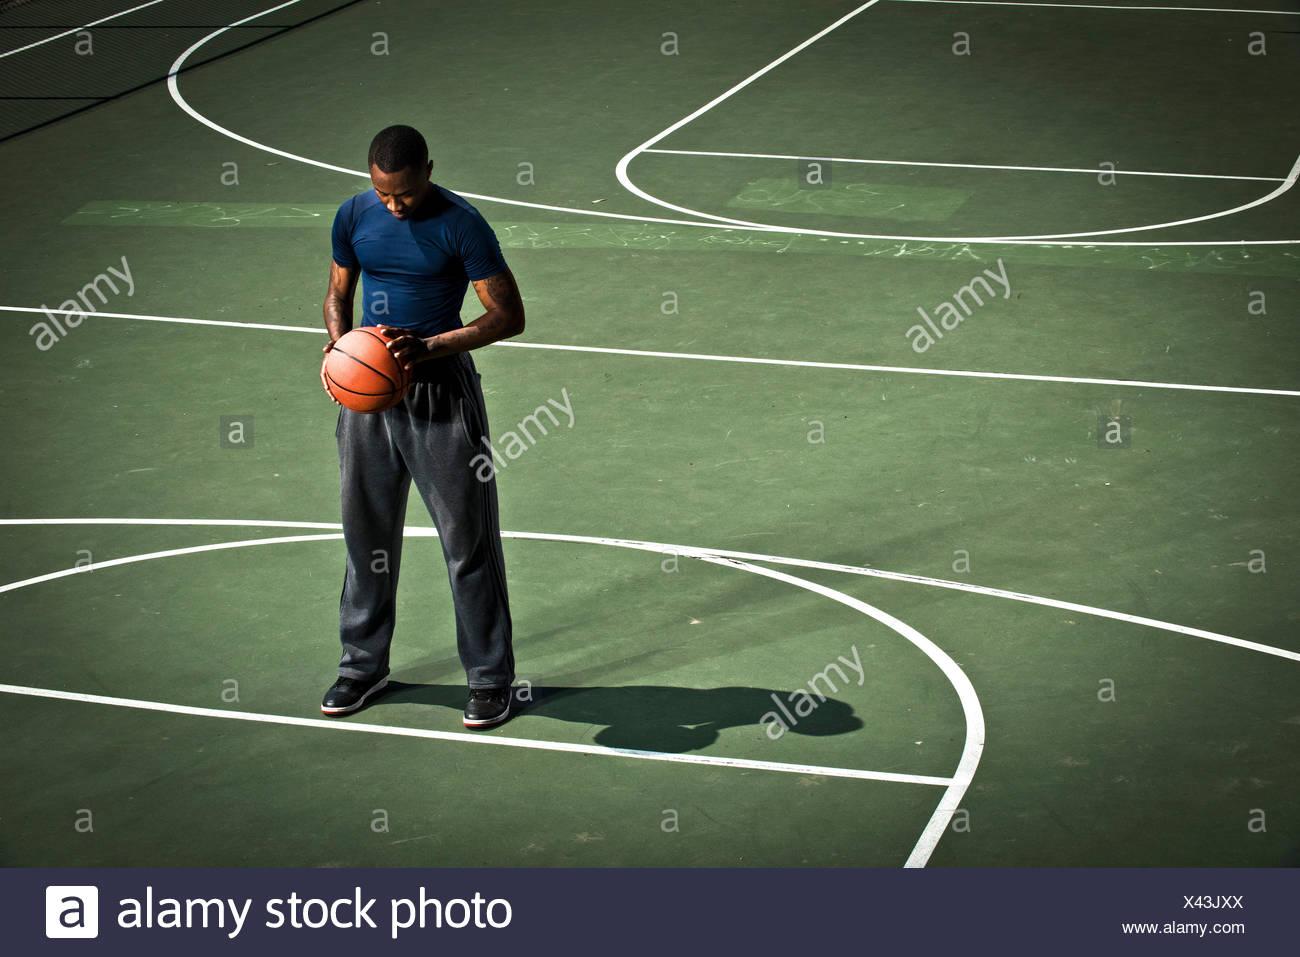 Un joueur de basket-ball de lancers-pratiques. Photo Stock